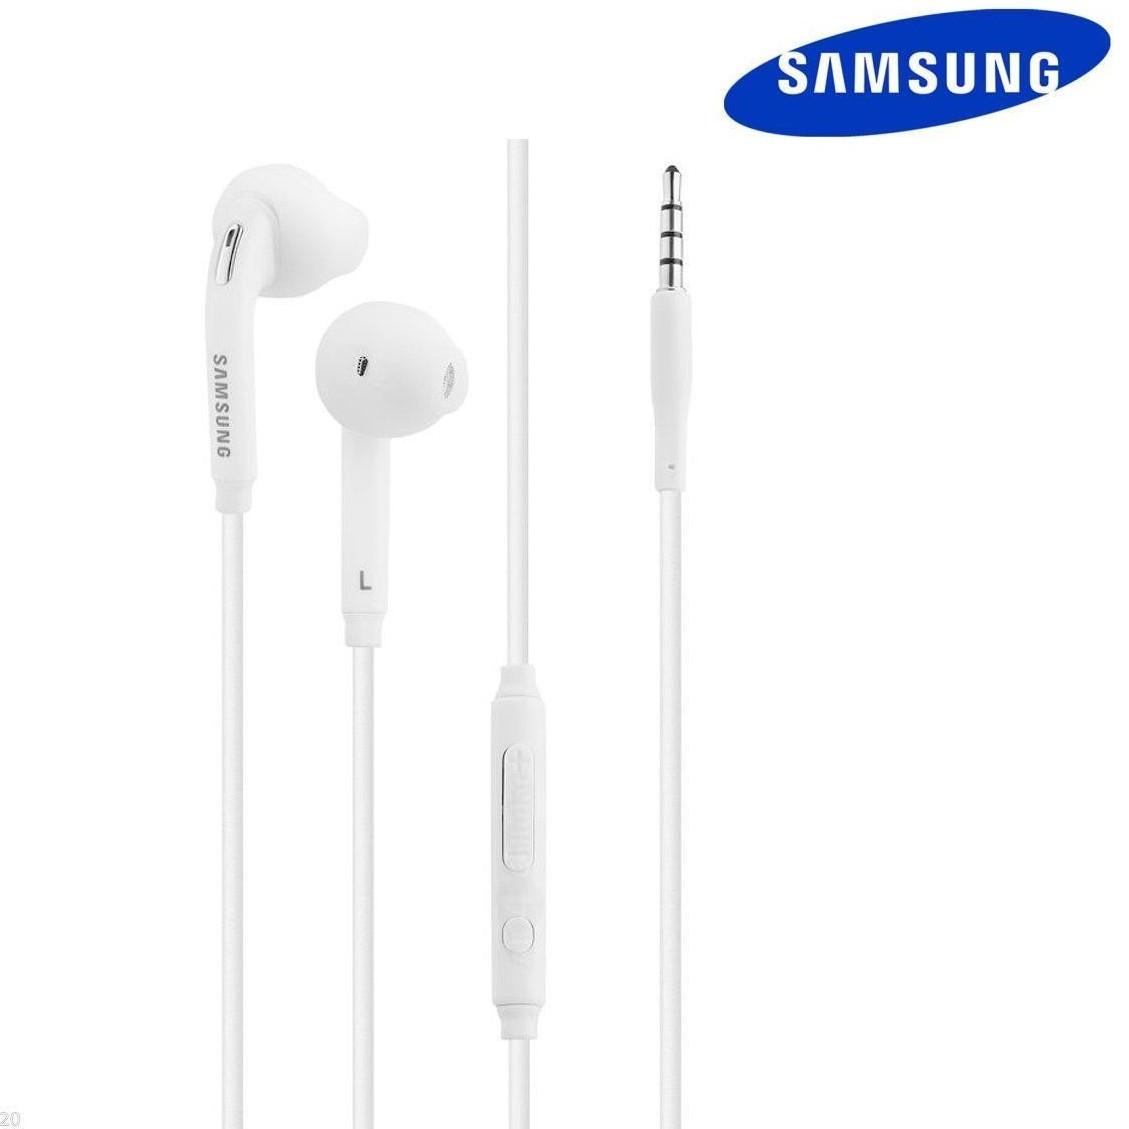 Samsung Earphones